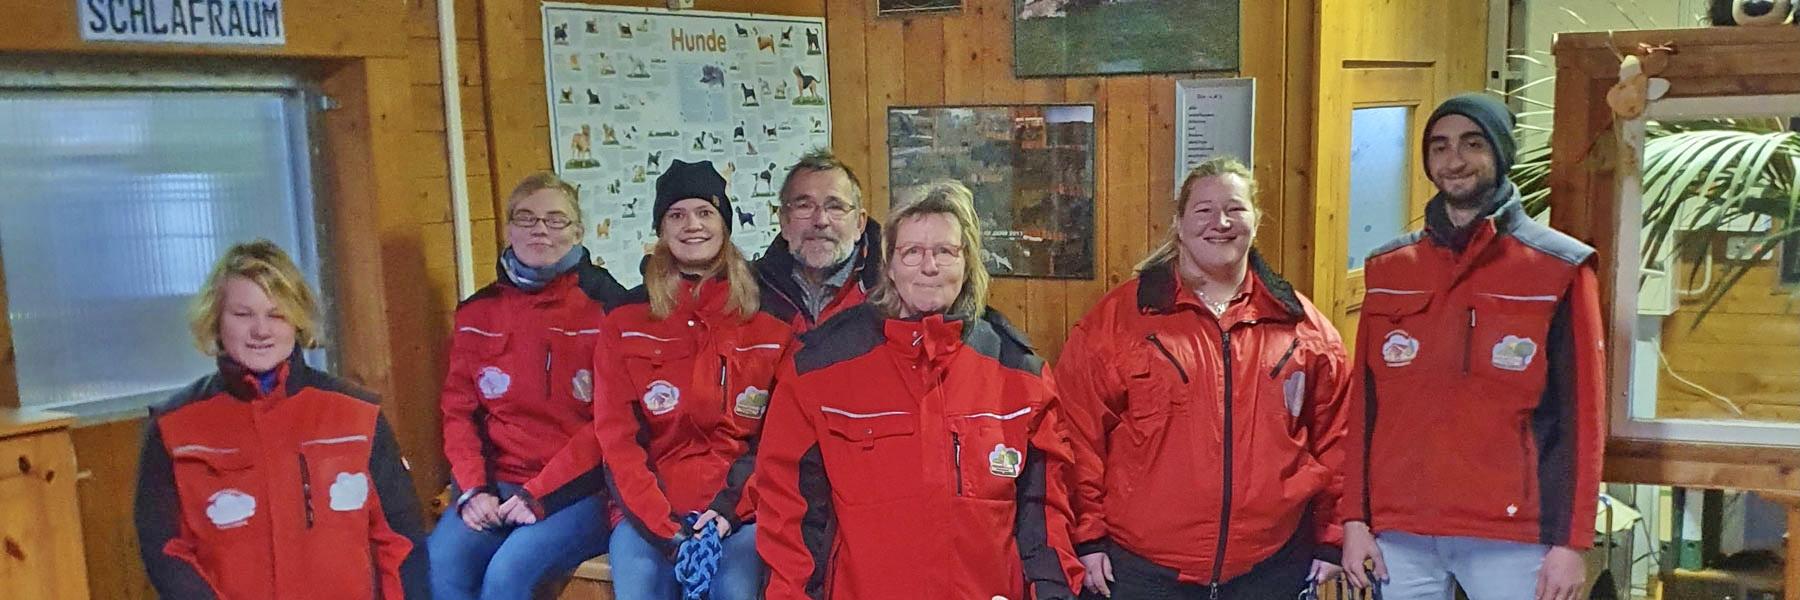 Teamtierpension - Tierpension Tannenberg